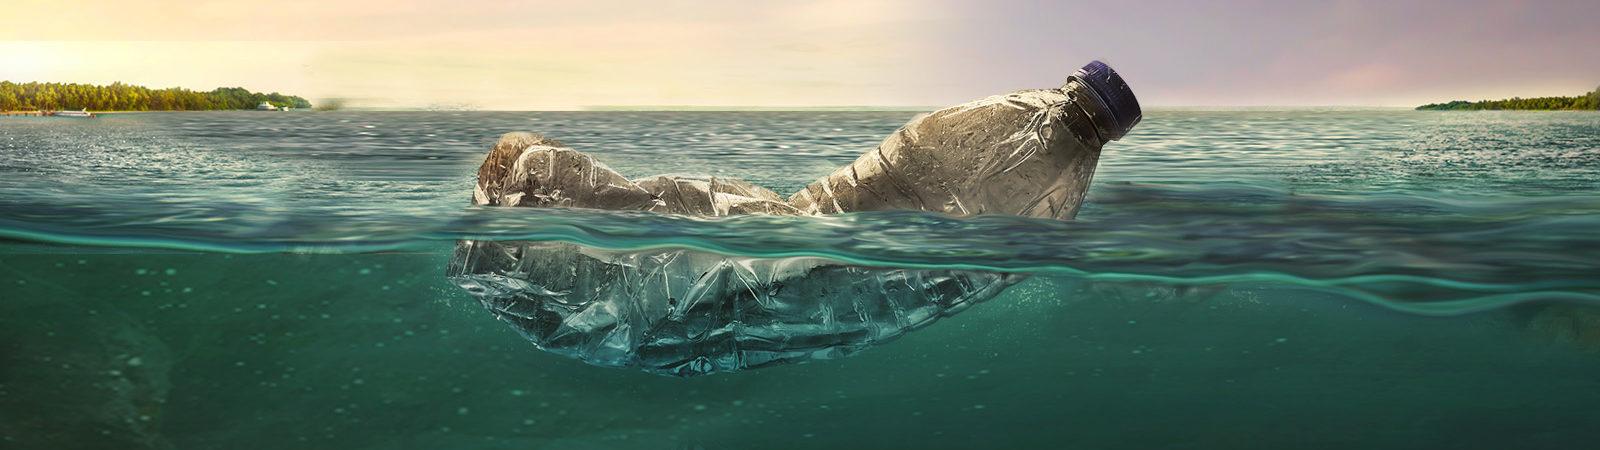 Plastic bottle floating in water.